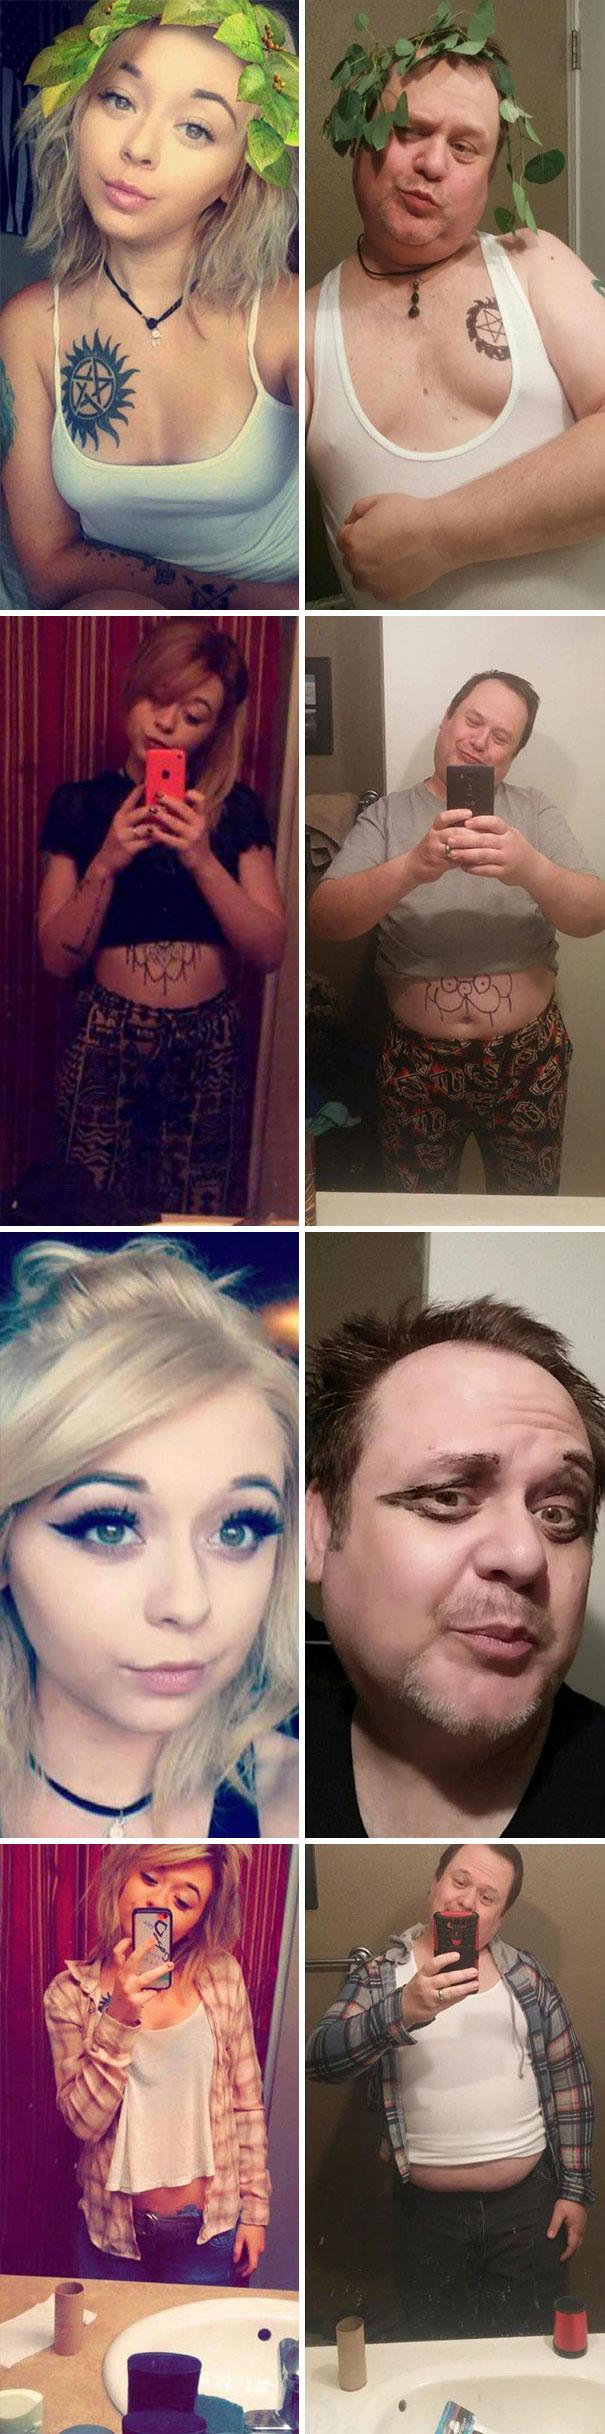 Dad Trolls His Daughter By Recreating Her Selfies